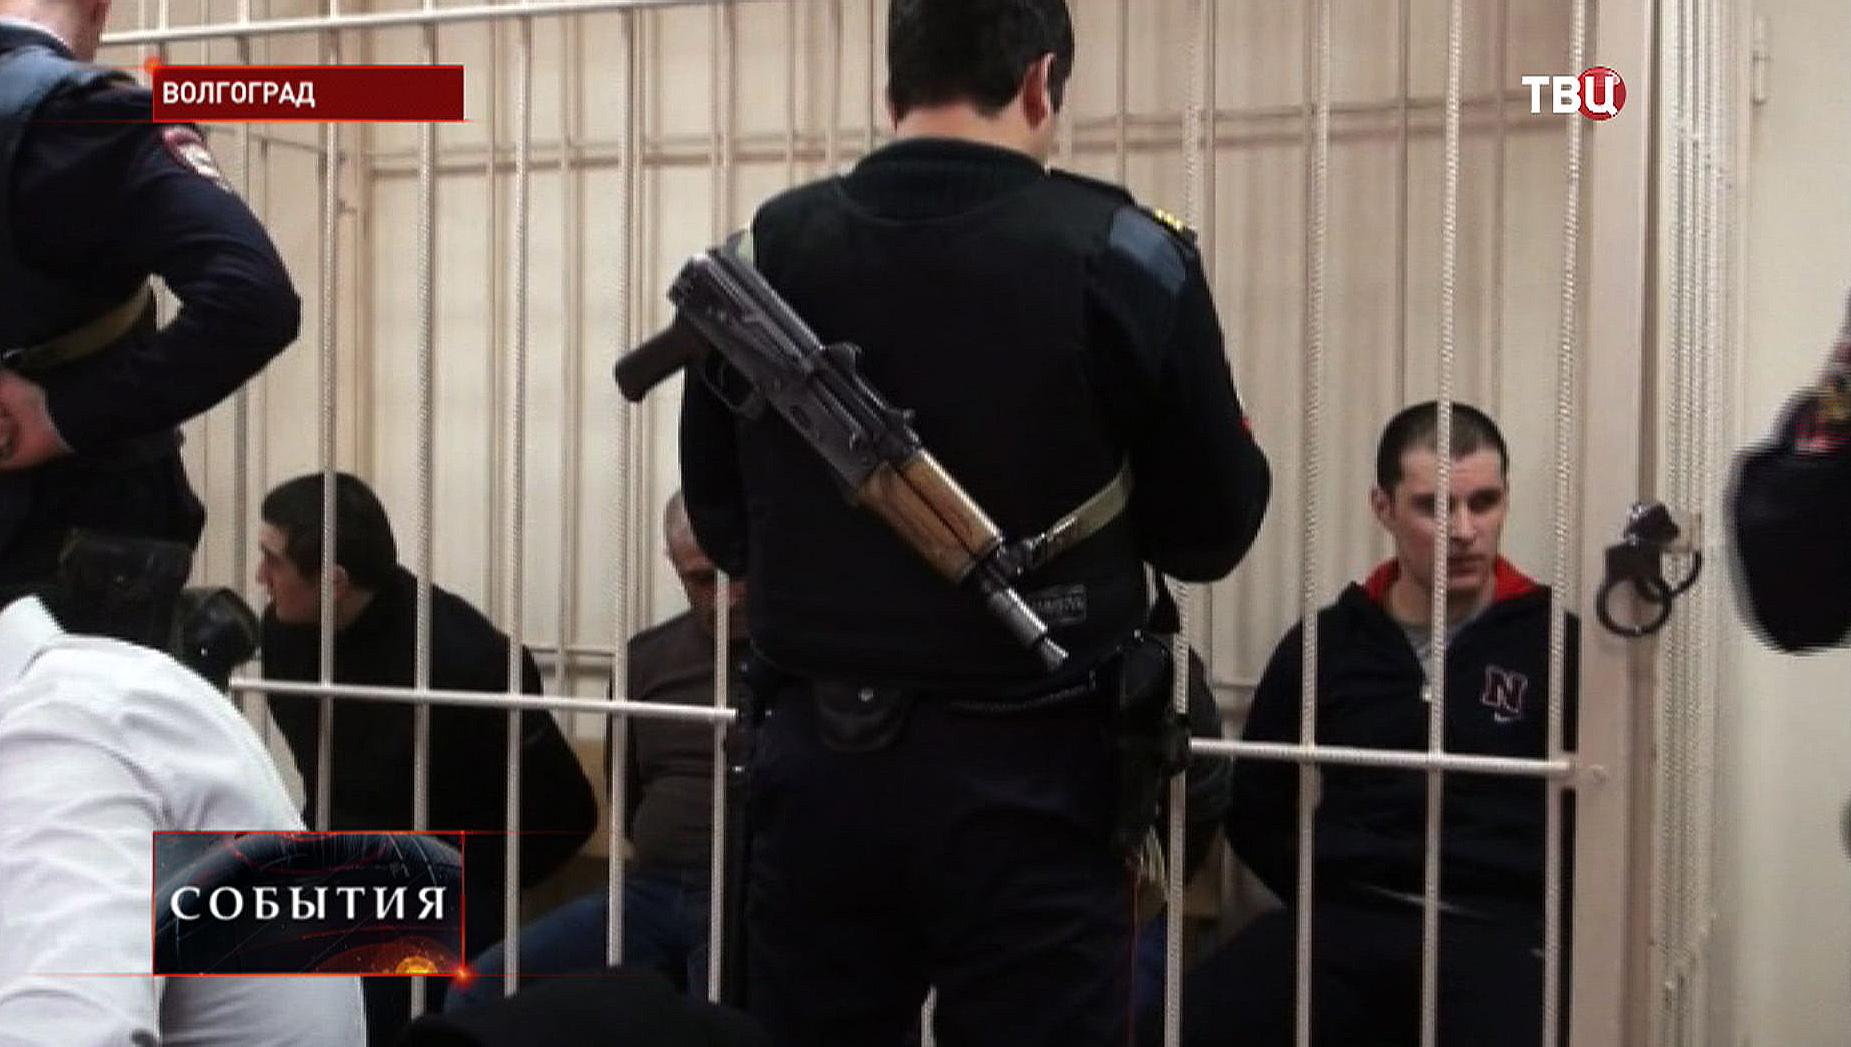 Зал суда в Волгограде